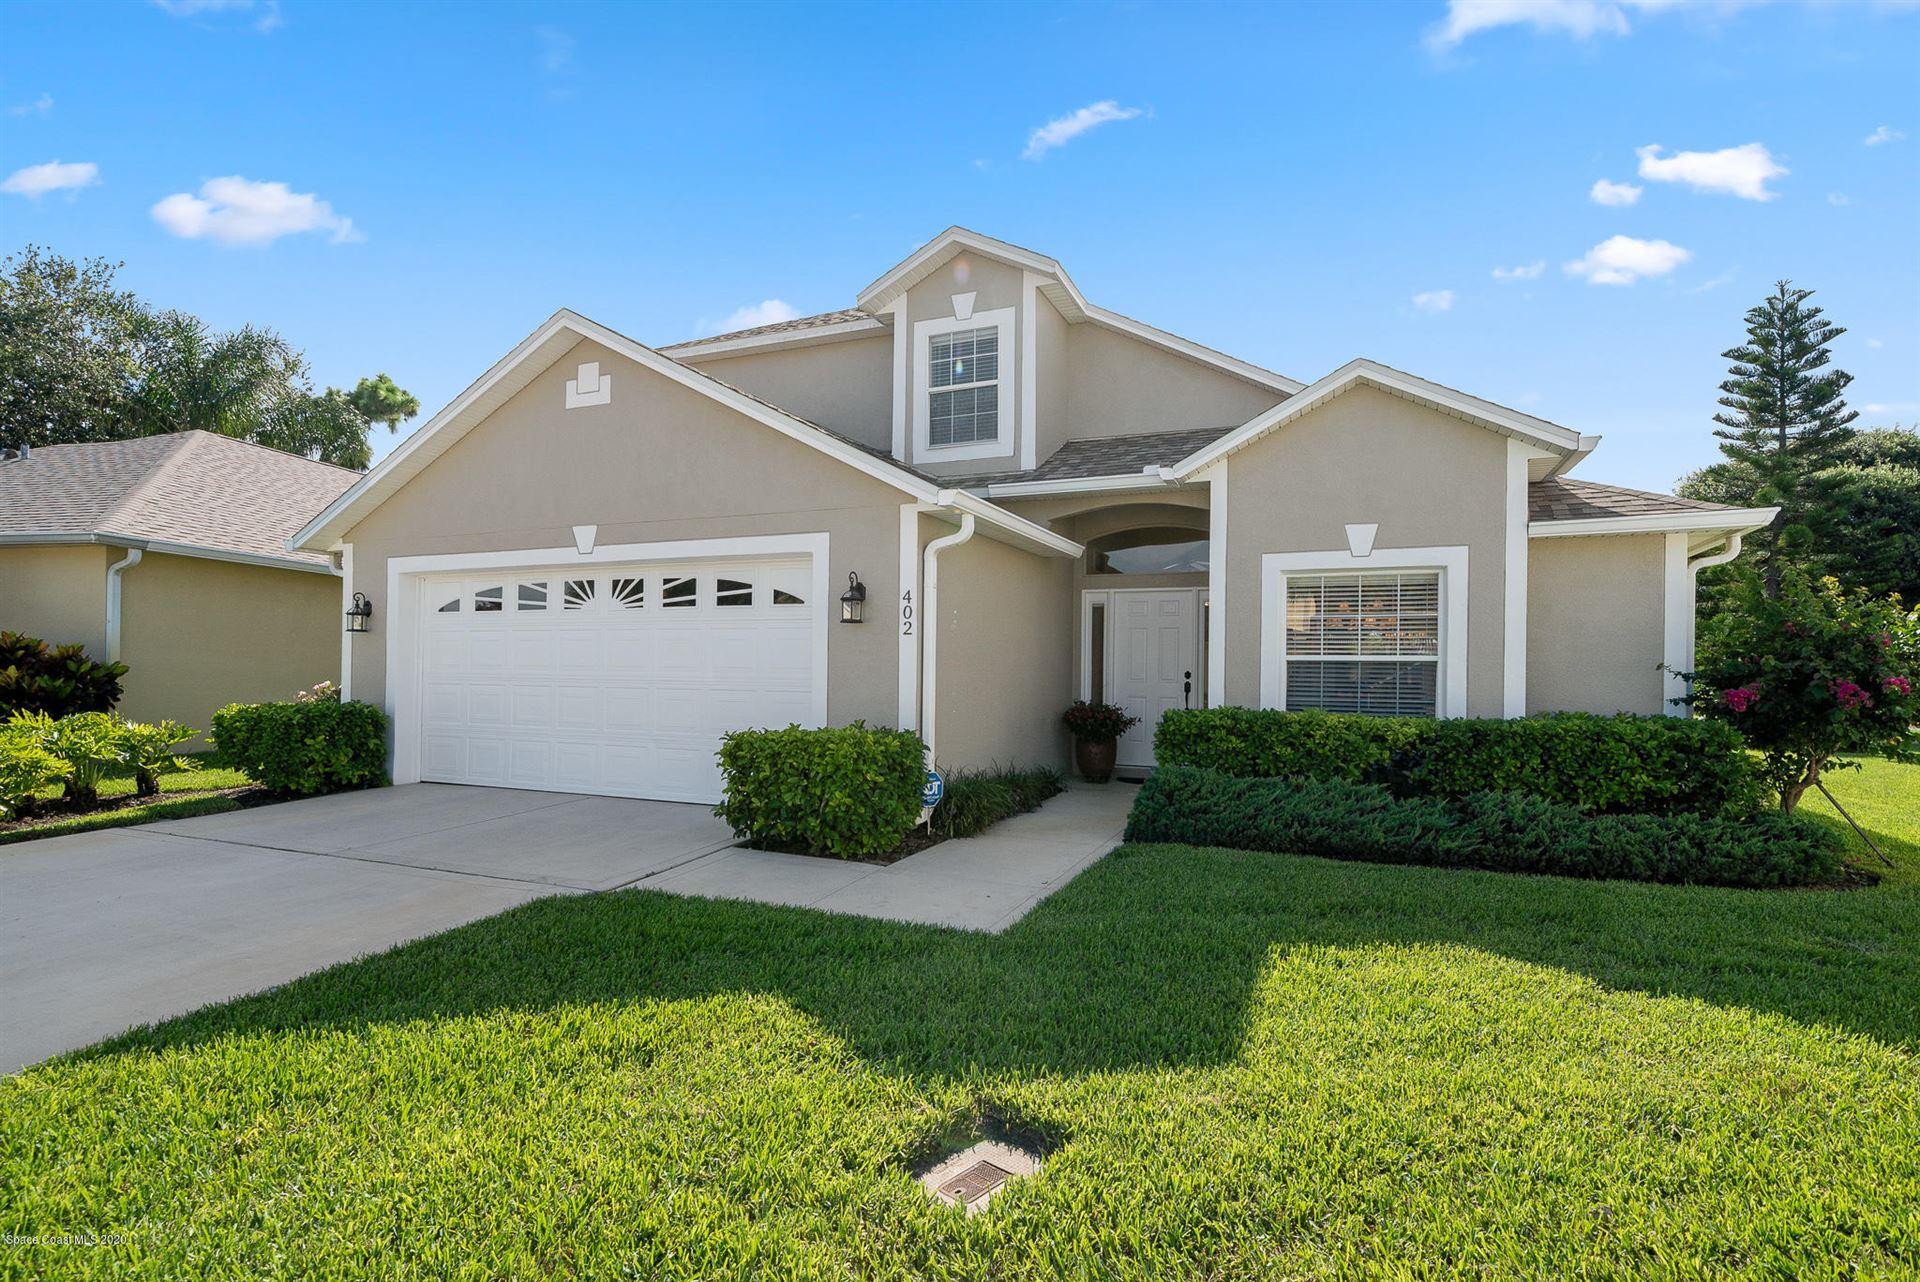 402 Lofts Drive, Melbourne, FL 32940 - #: 881182